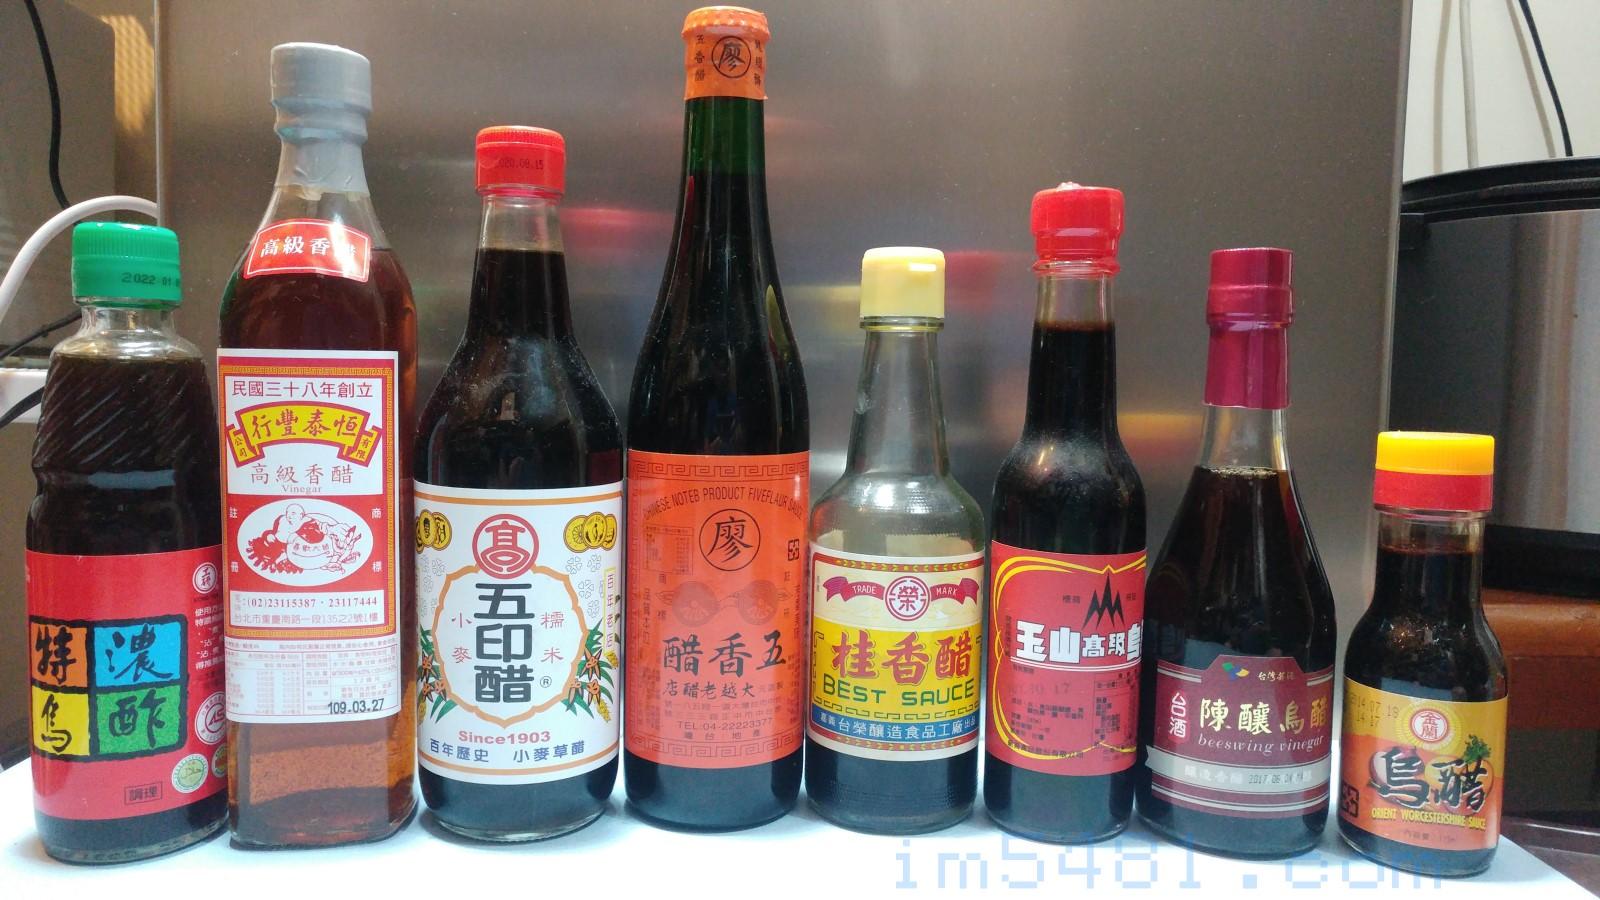 台灣各地都有好醋